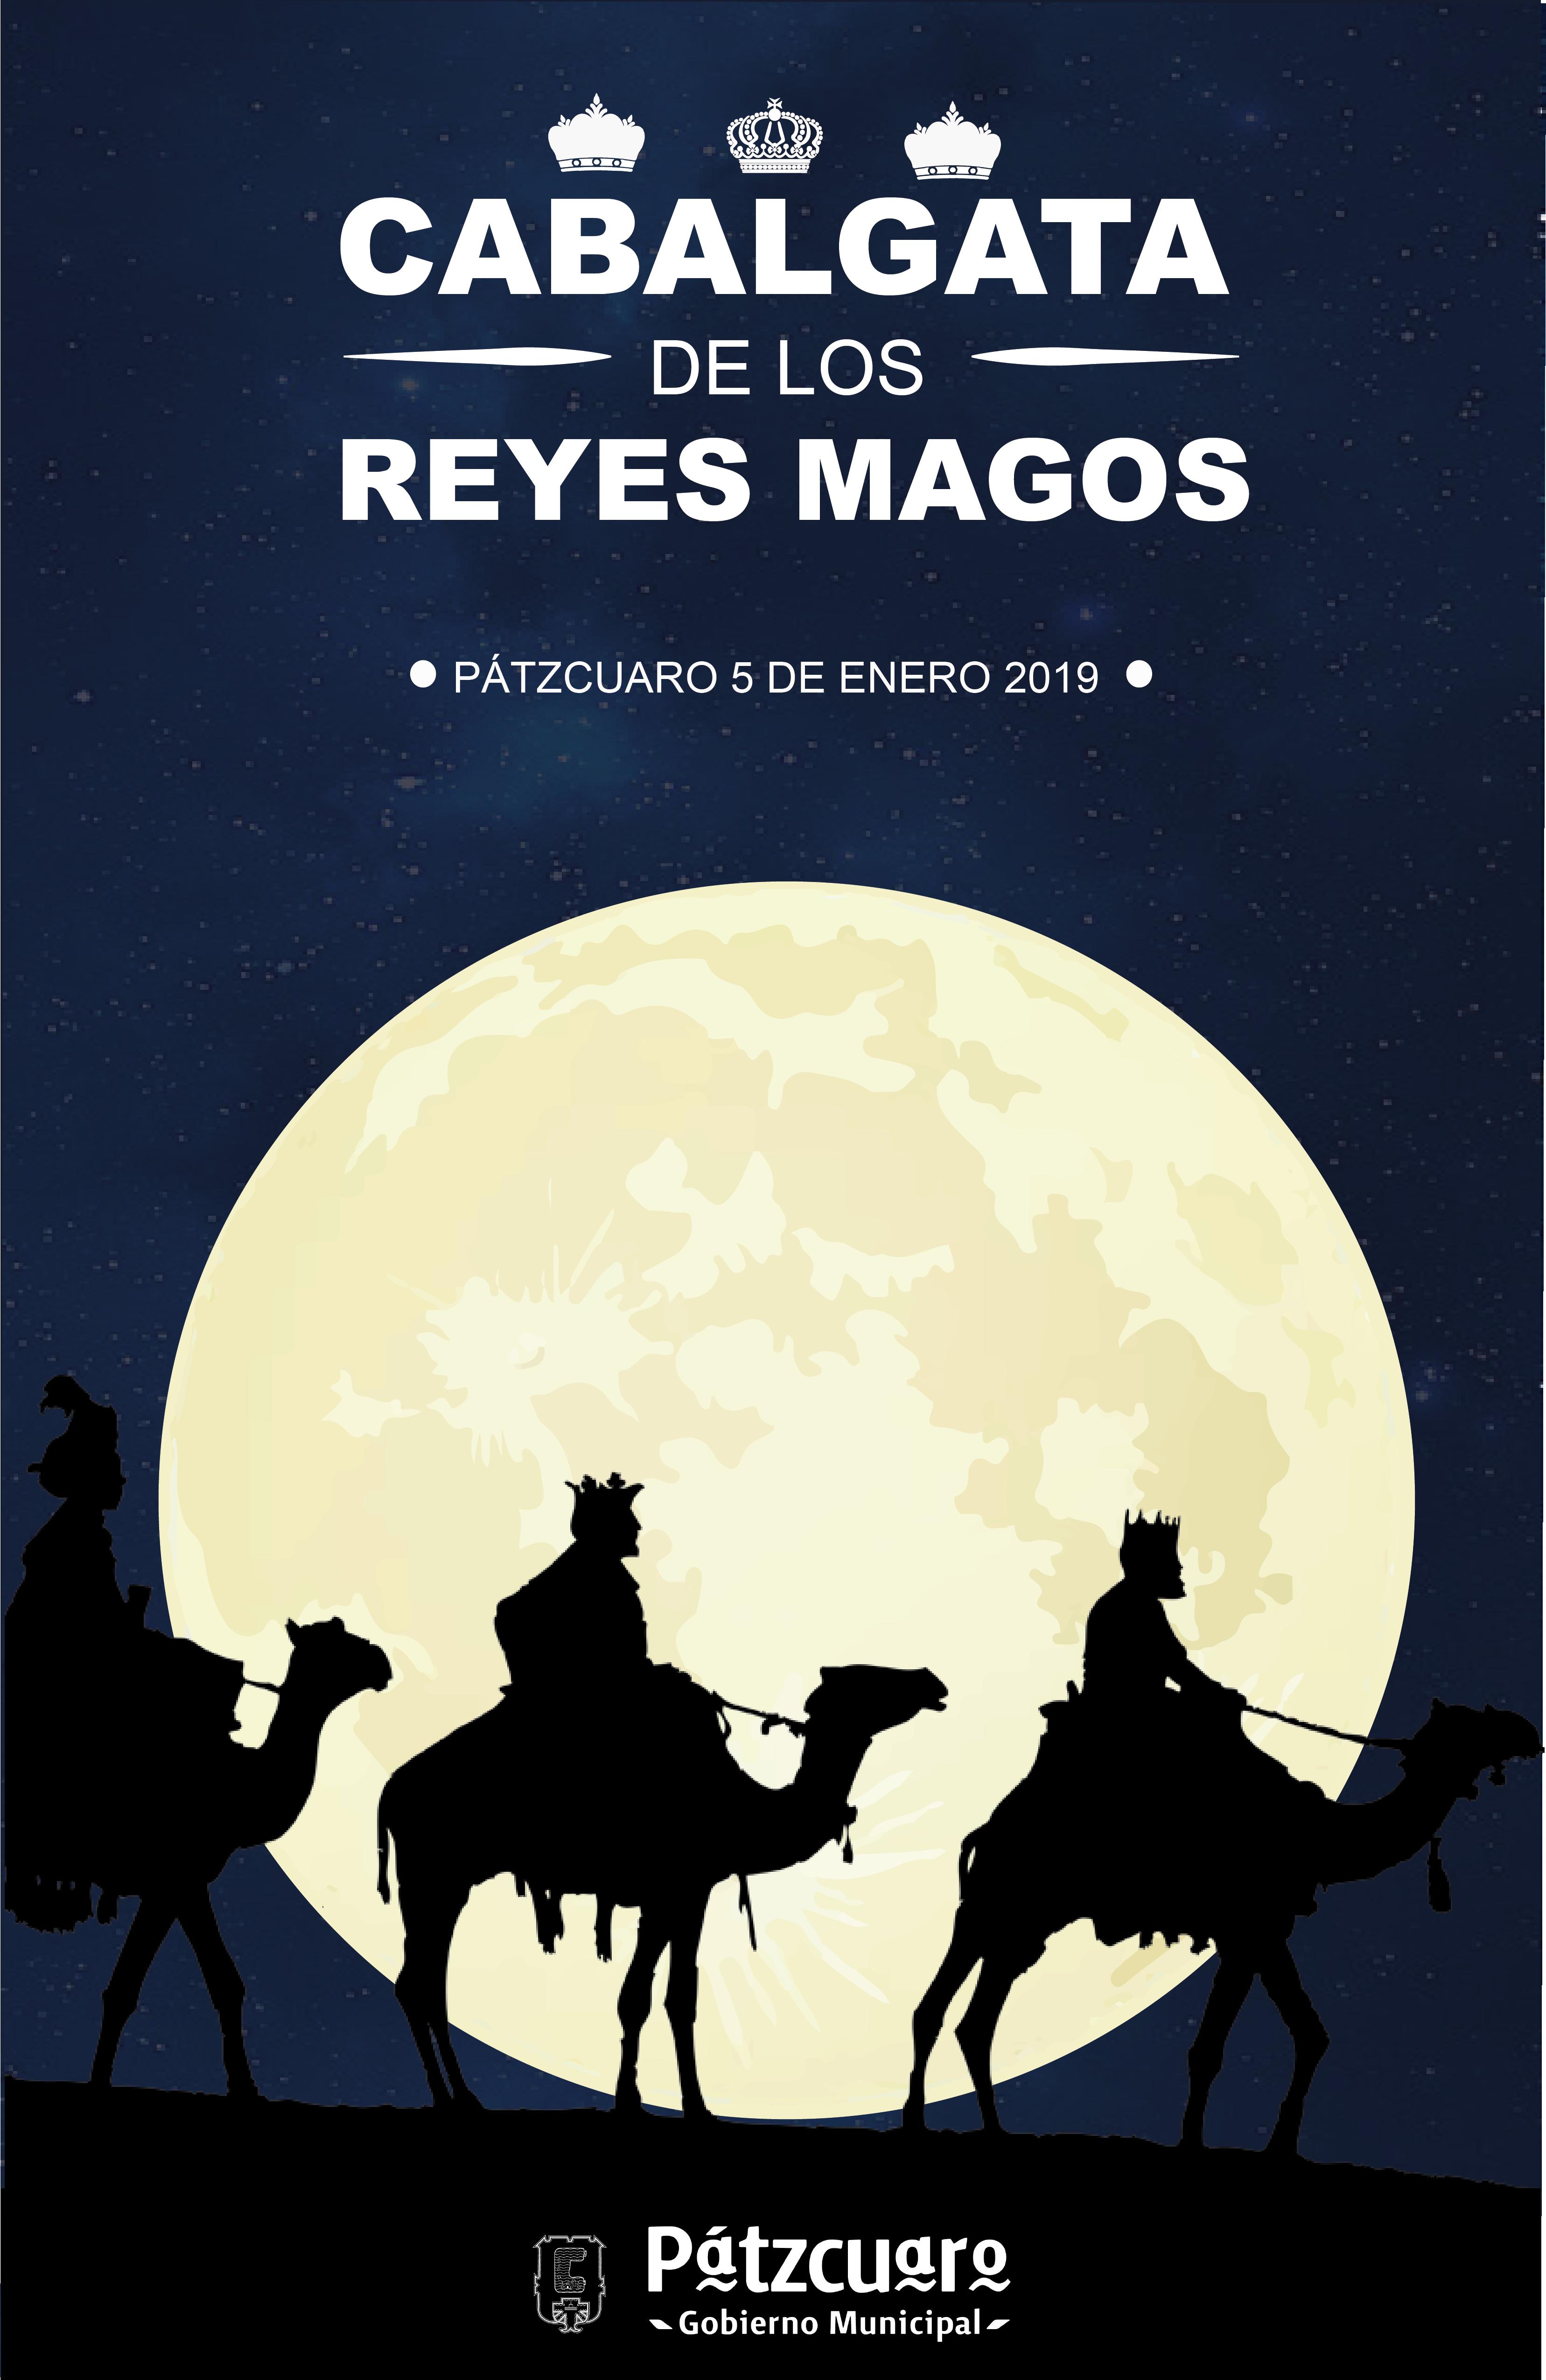 Cerrarán Centro Histórico de Pátzcuaro por Cabalgata de Reyes Magos - Pátzcuaro Noticias